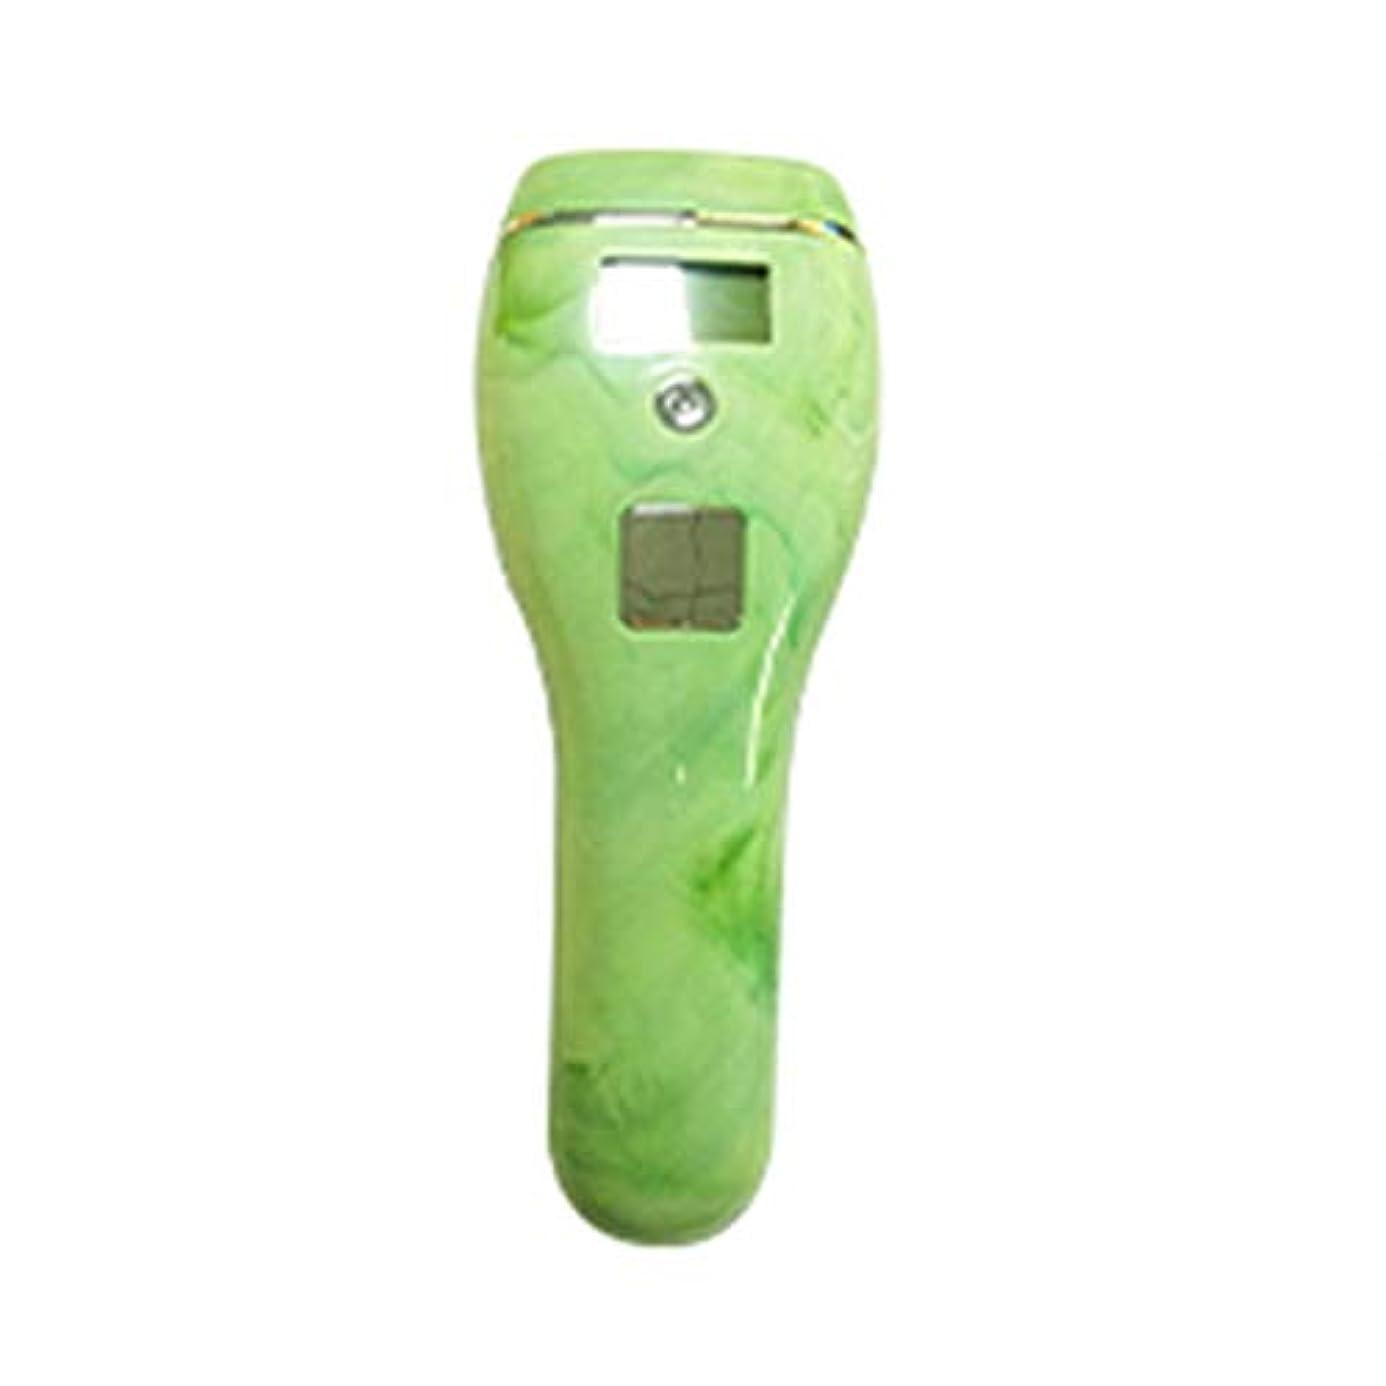 自動肌のカラーセンシング、グリーン、5速調整、クォーツチューブ、携帯用痛みのない全身凍結乾燥用除湿器、サイズ19x7x5cm 髪以外はきれい (Color : Green)